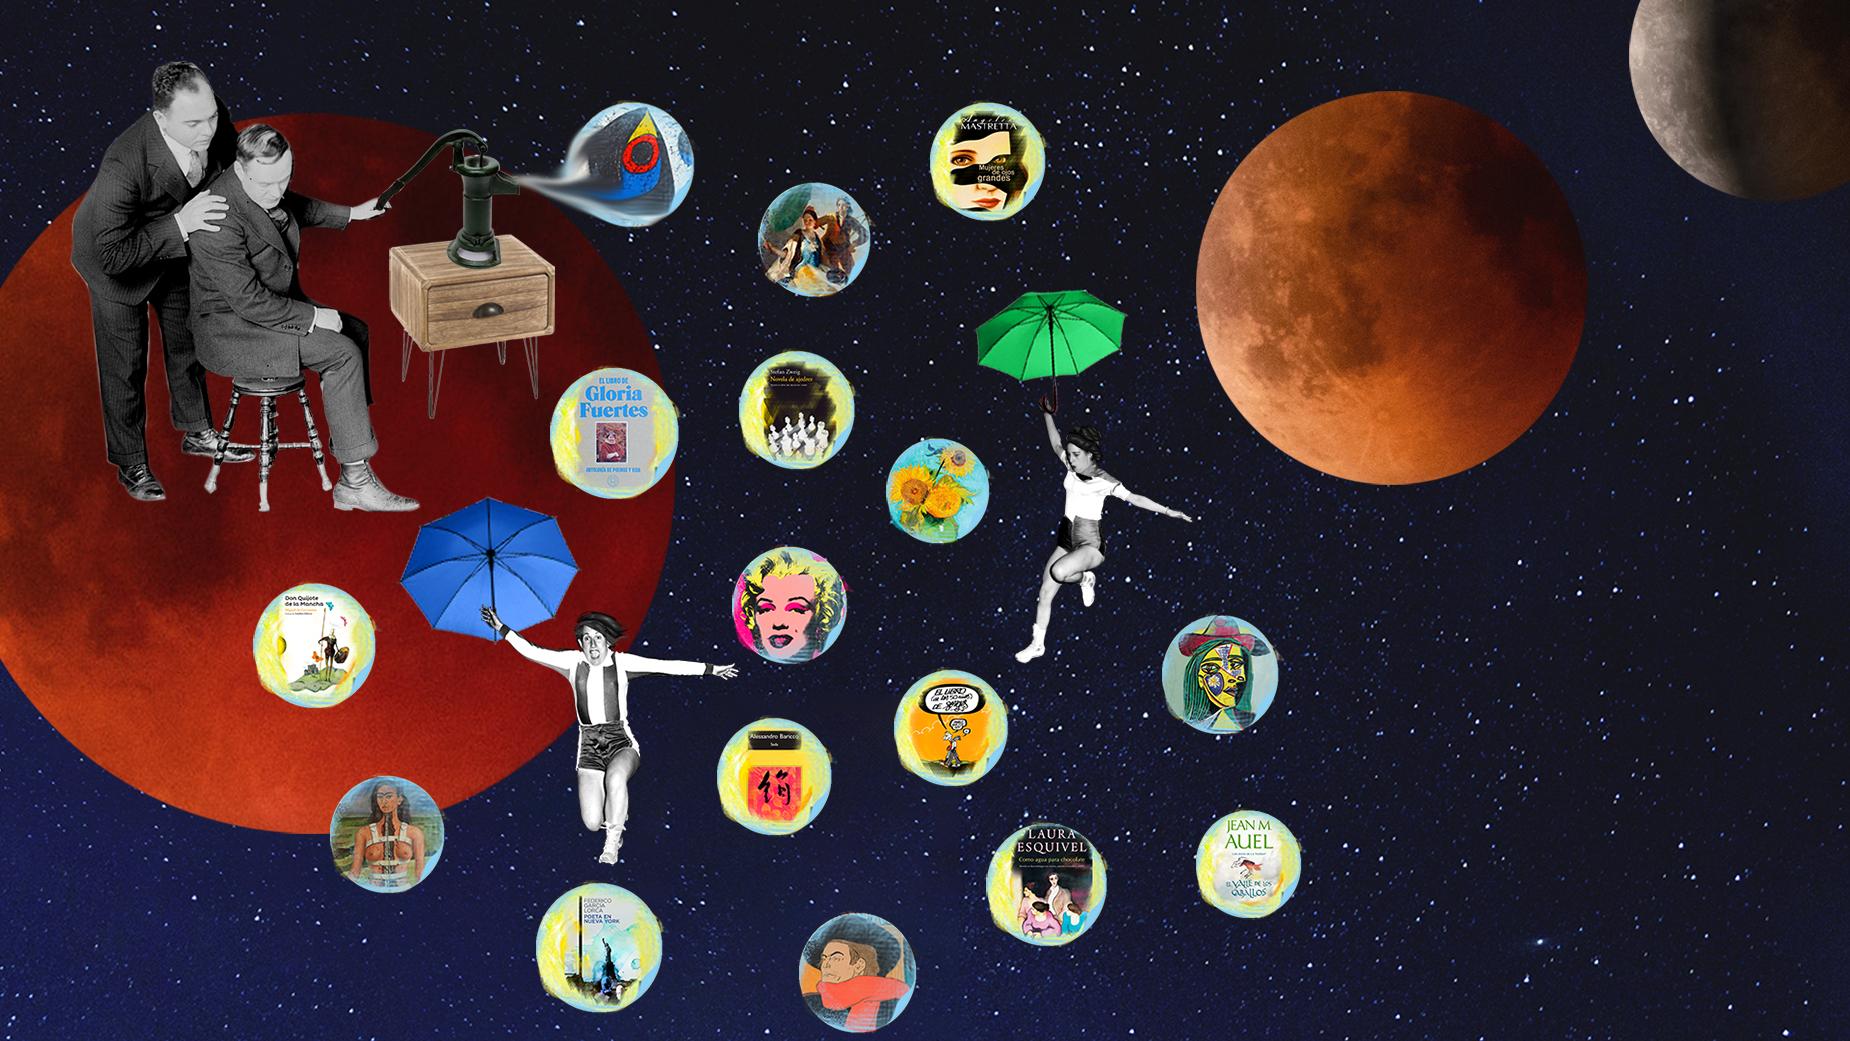 Dos hombres en blanco y negro lanzan burbujas de pinturas y novelas, desde planetas y con dos chicas volando en paraguas. Loco Mundo Arte y Bohemia